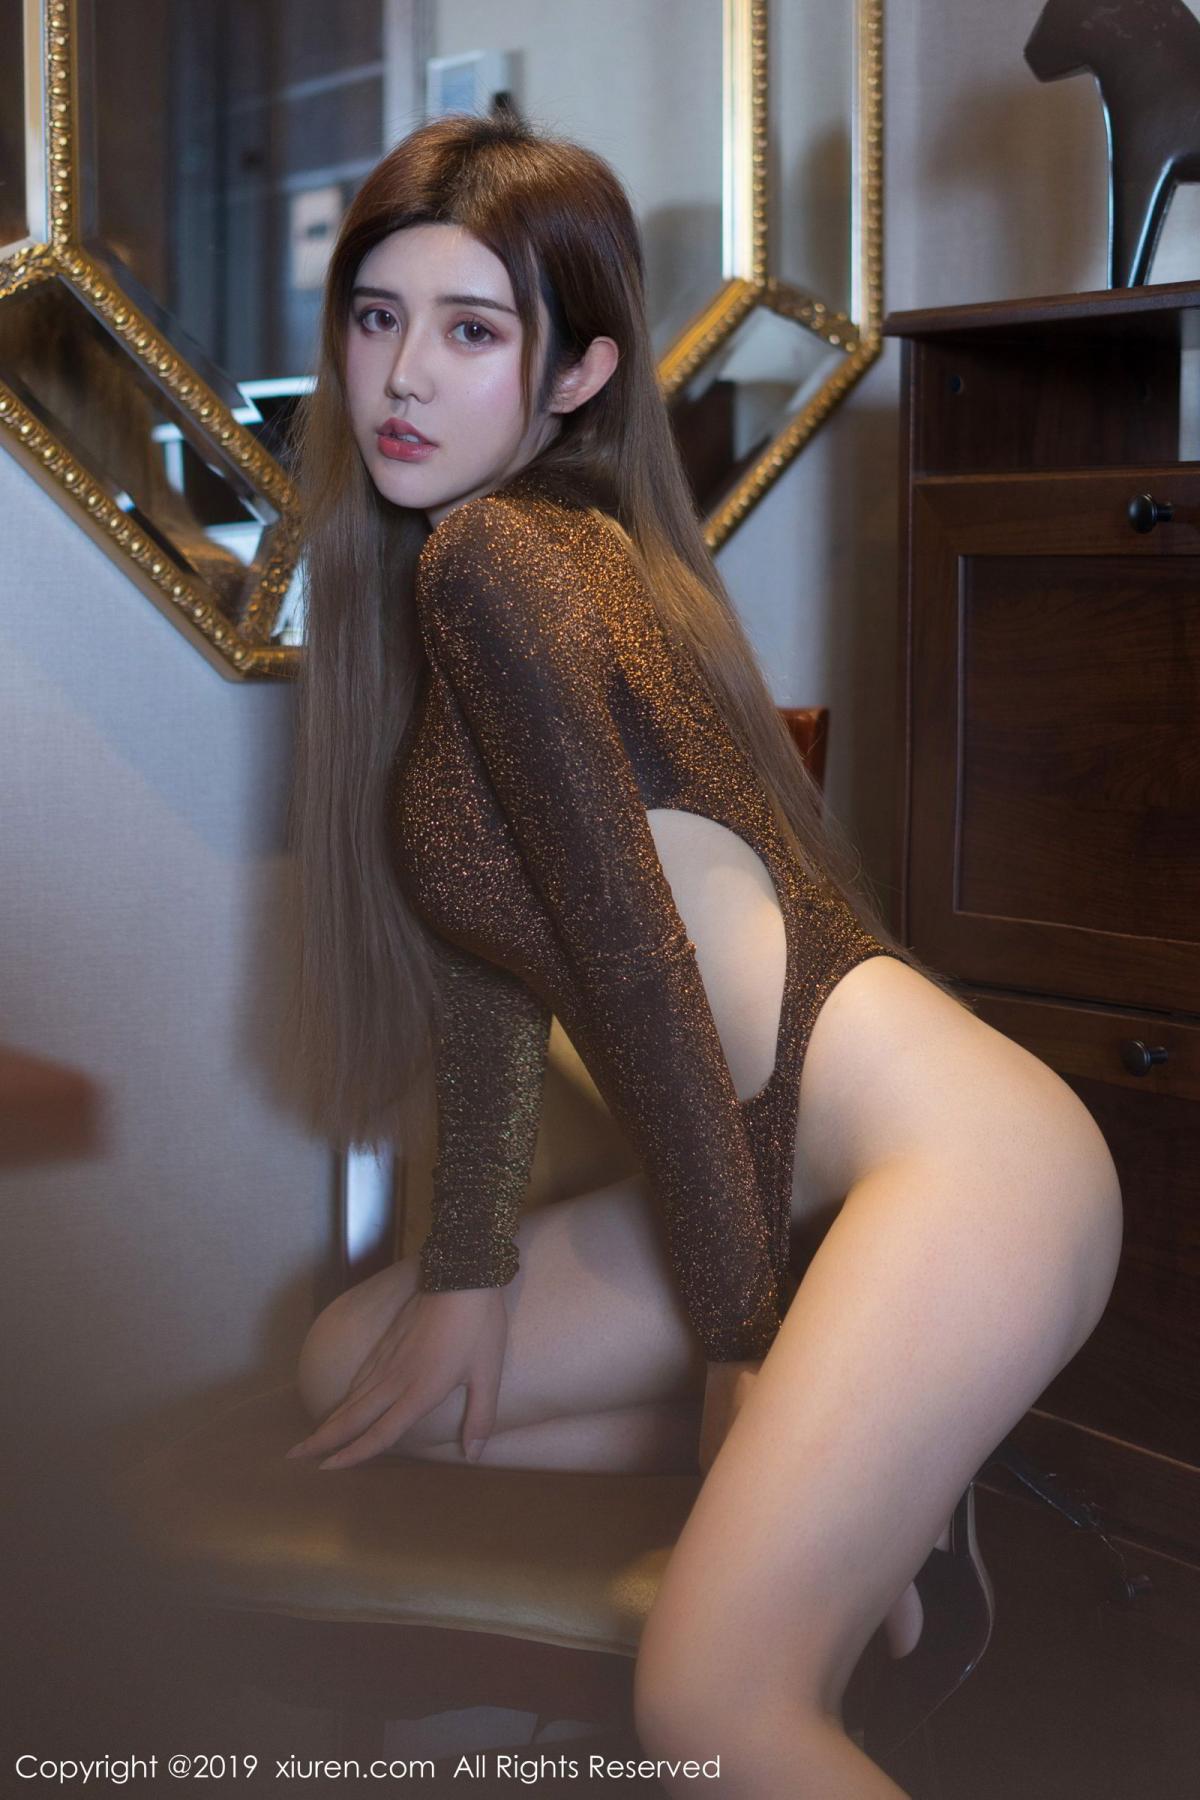 [XiuRen] Vol.1794 Zhuo Ya Qi 33P, Cheongsam, Underwear, Xiuren, Zhuo Ya Qi